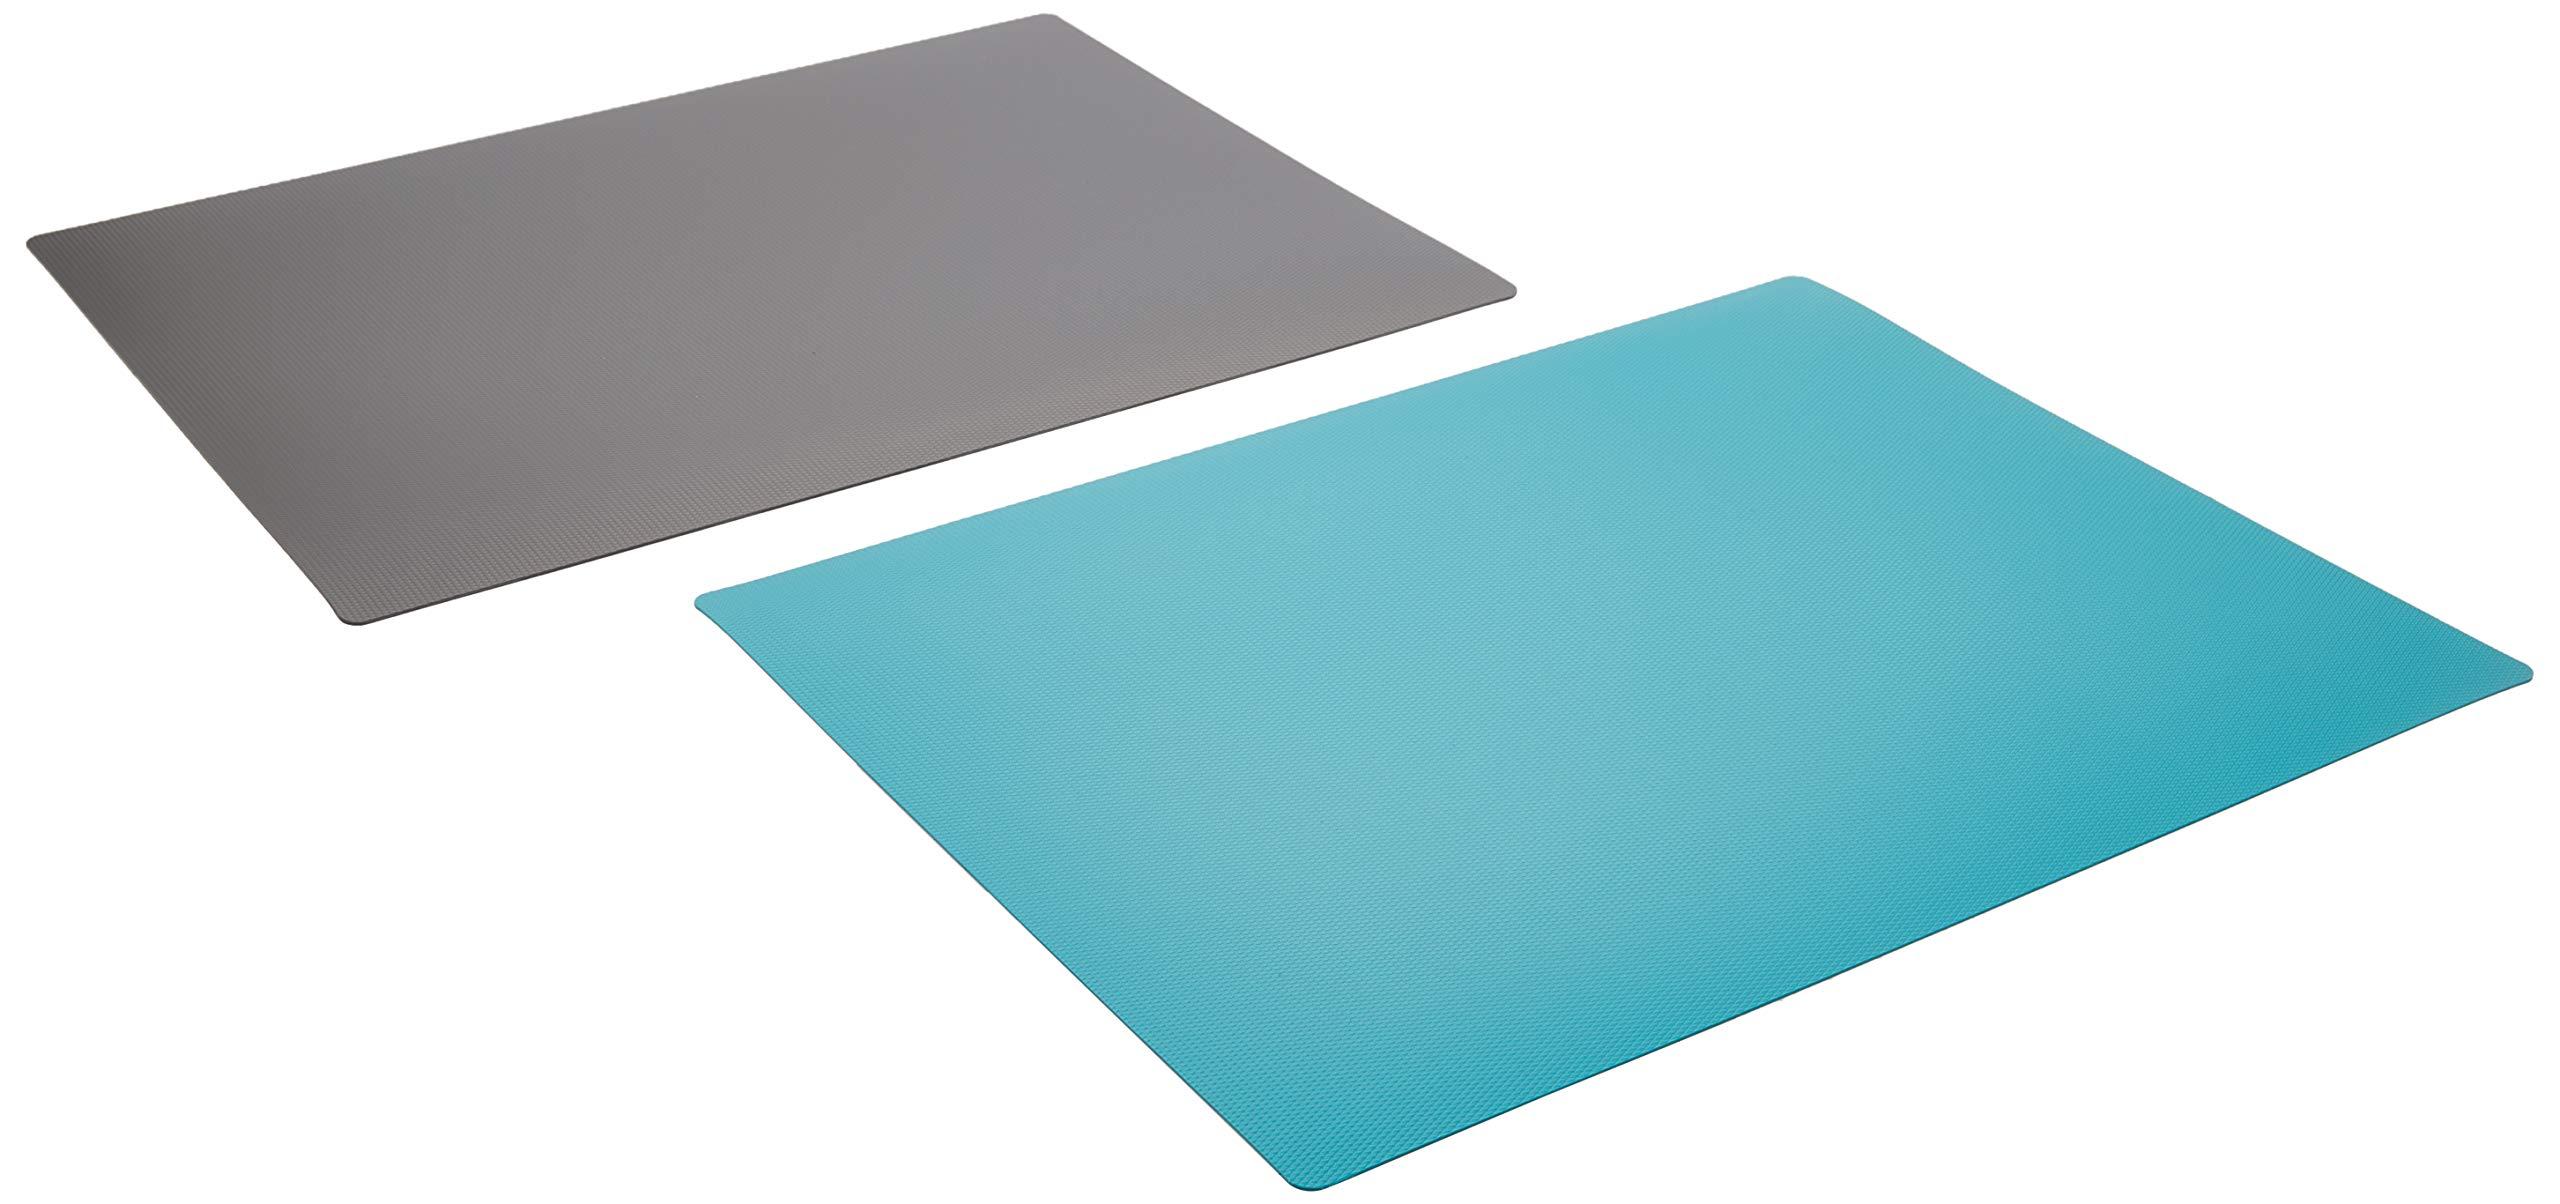 """IKEA Finfordela FINFÖRDELA Set of 2 IKEA Flexible Chopping Cutting Boards Grey Finfordela 303.358.98, 11"""" x 14 1/4"""" x 0"""" (1 mm), Teal Blue Gray"""